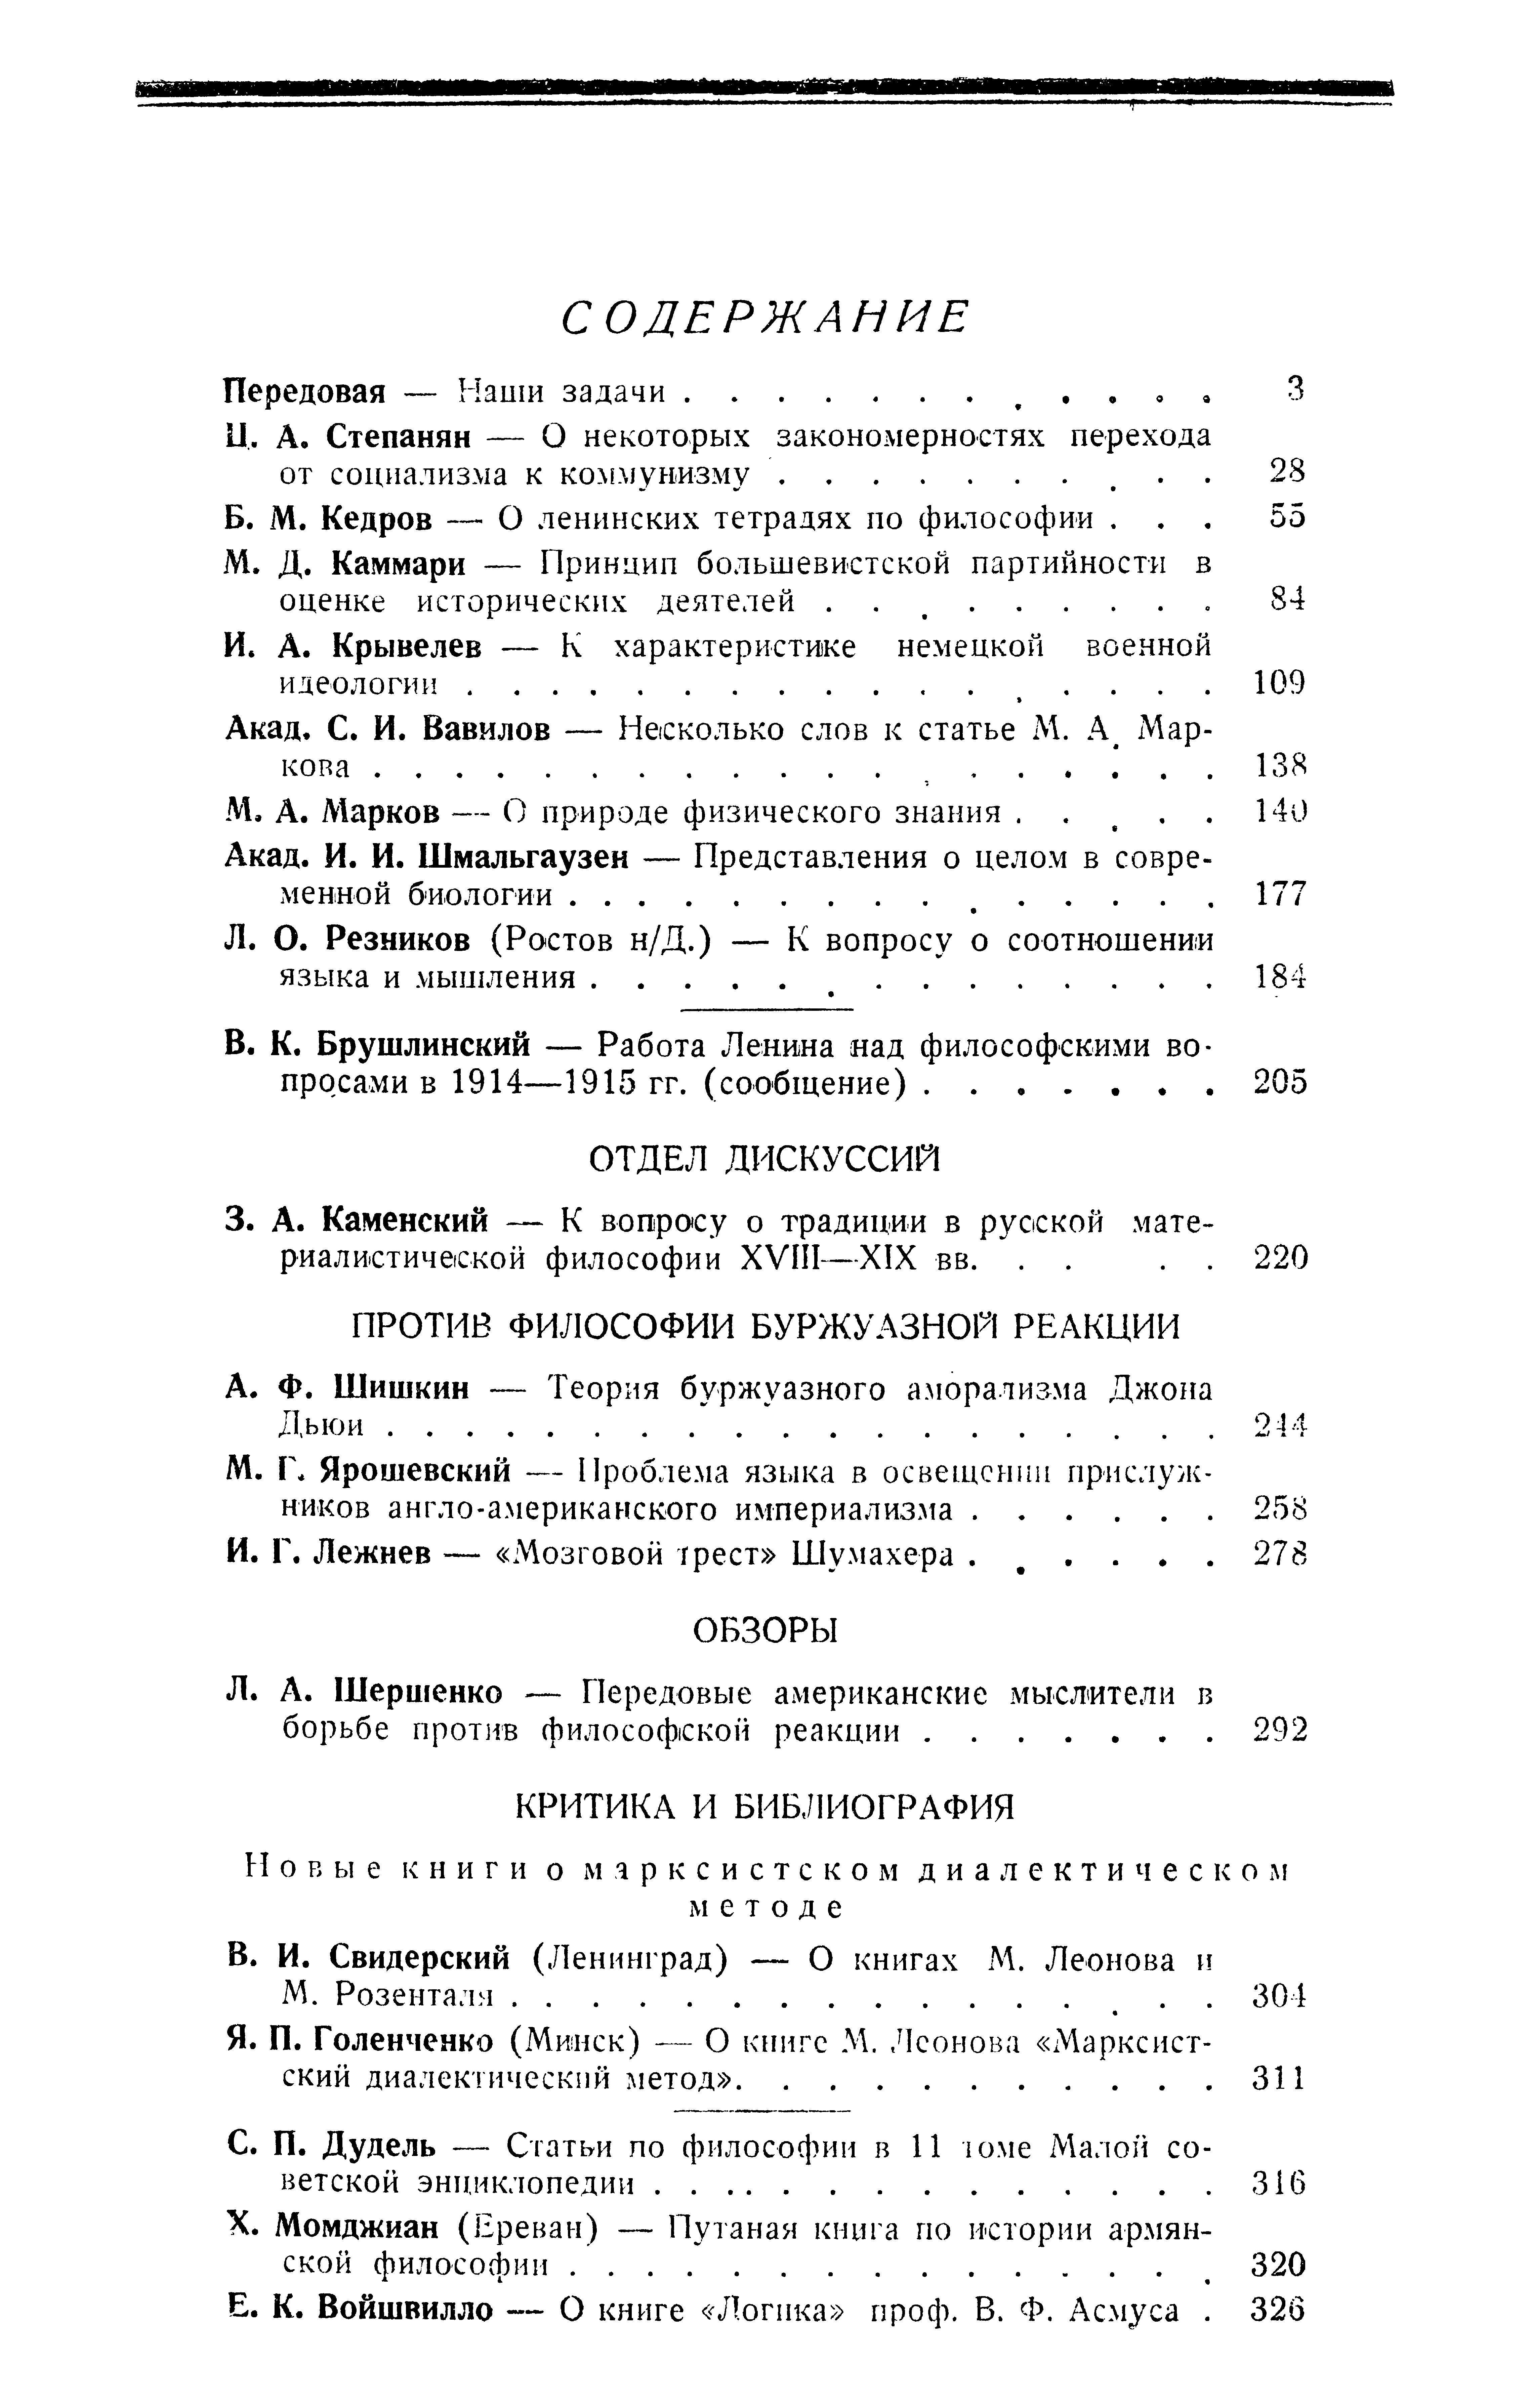 ВФ №2-1947_404